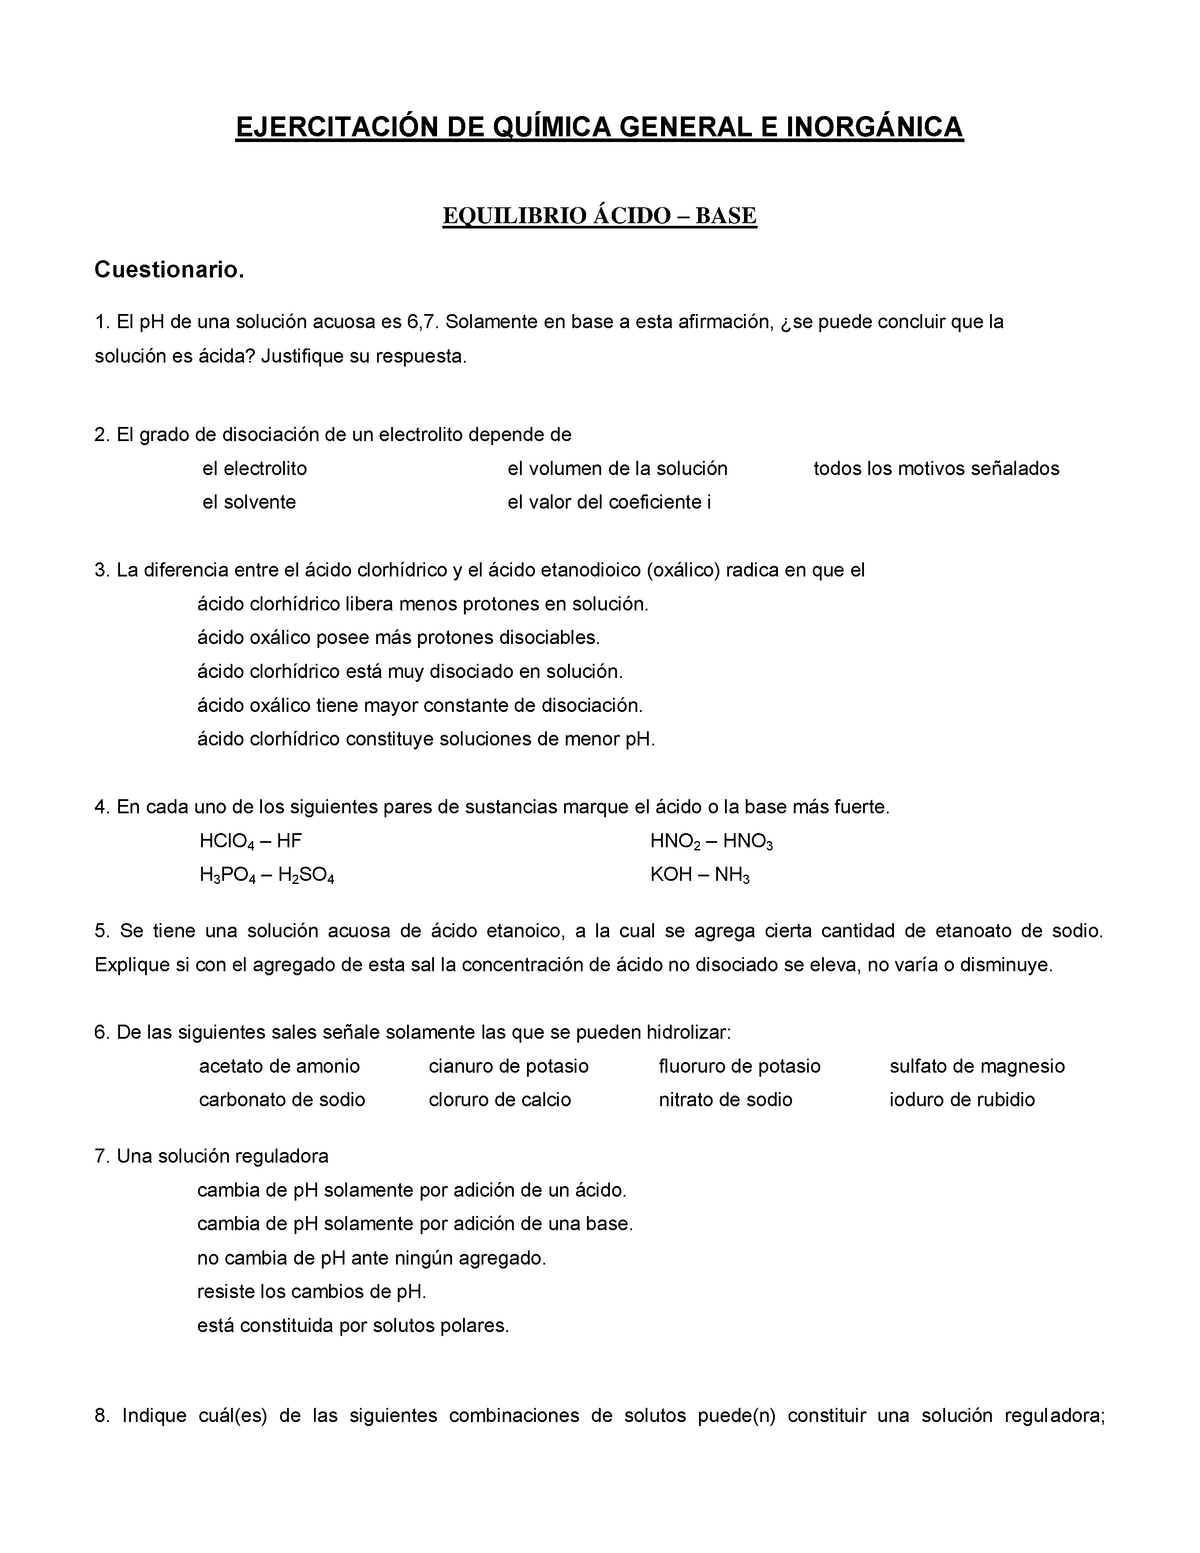 Ejercitacion I Química General e Inorganica - - StuDocu